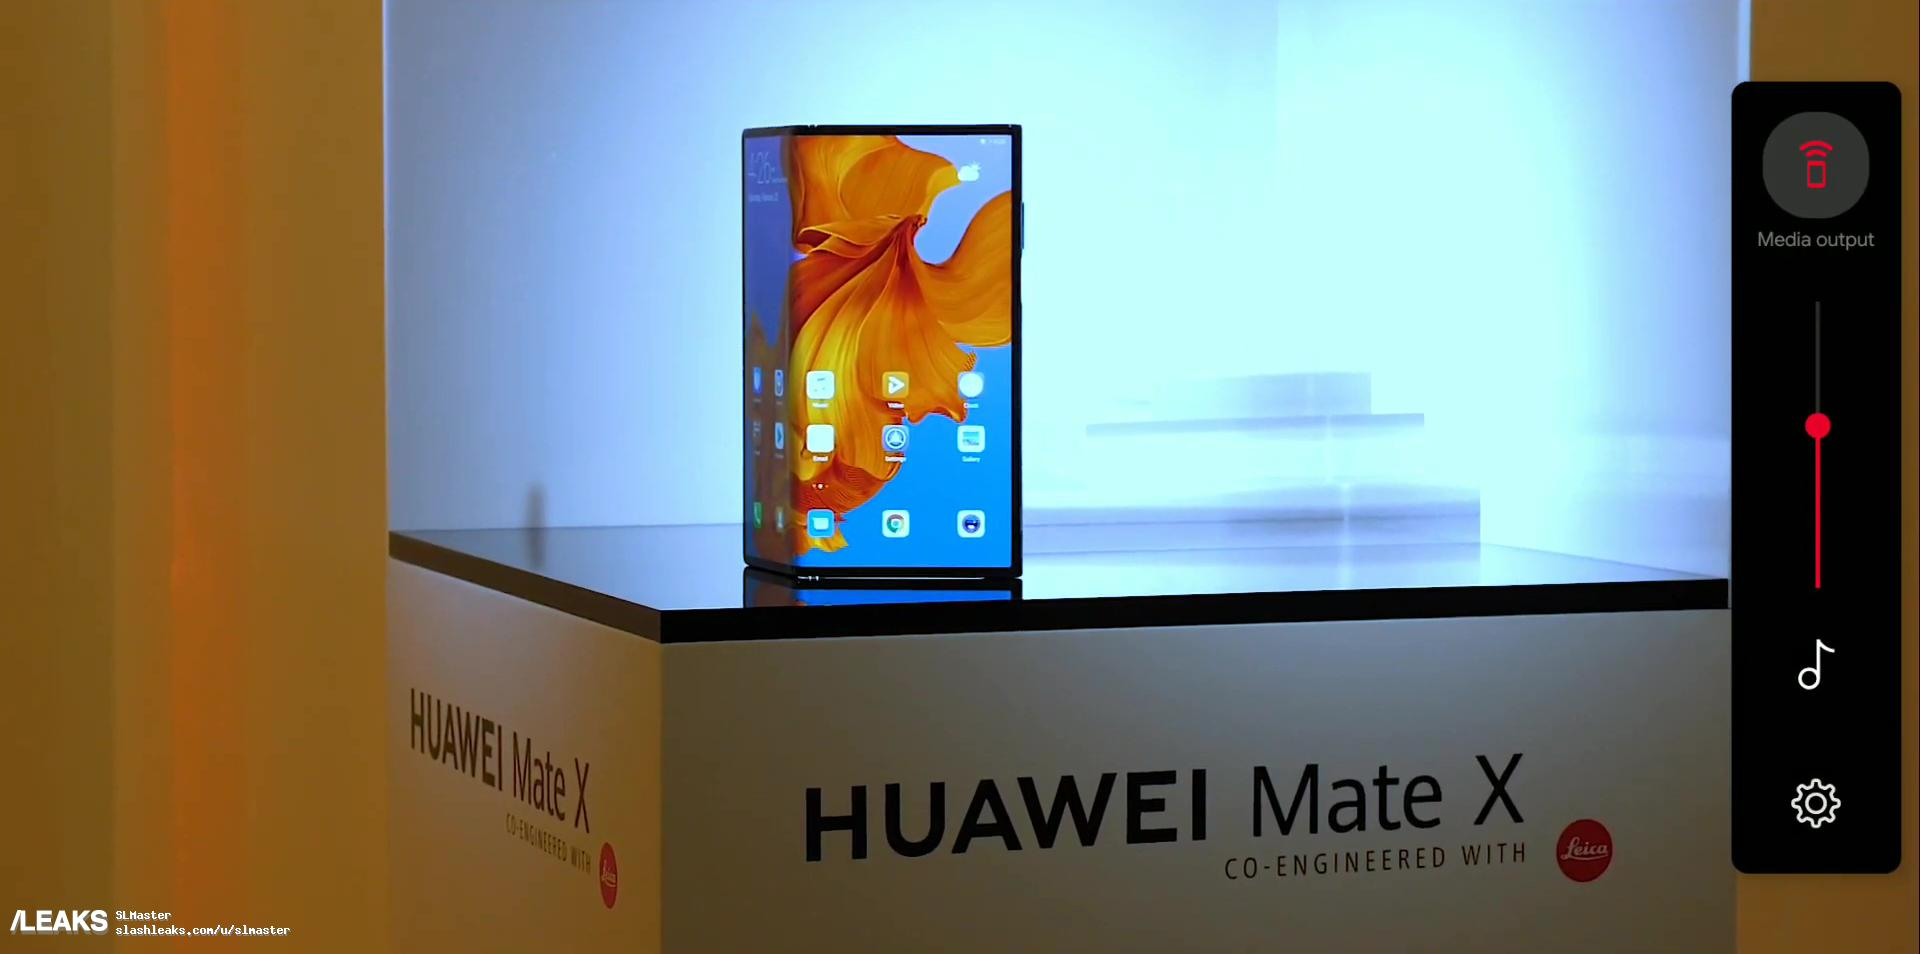 Na kilka godzin przed oficjalną premierą wyciekły zdjęcia i specyfikacja składanego smartfona Huawei